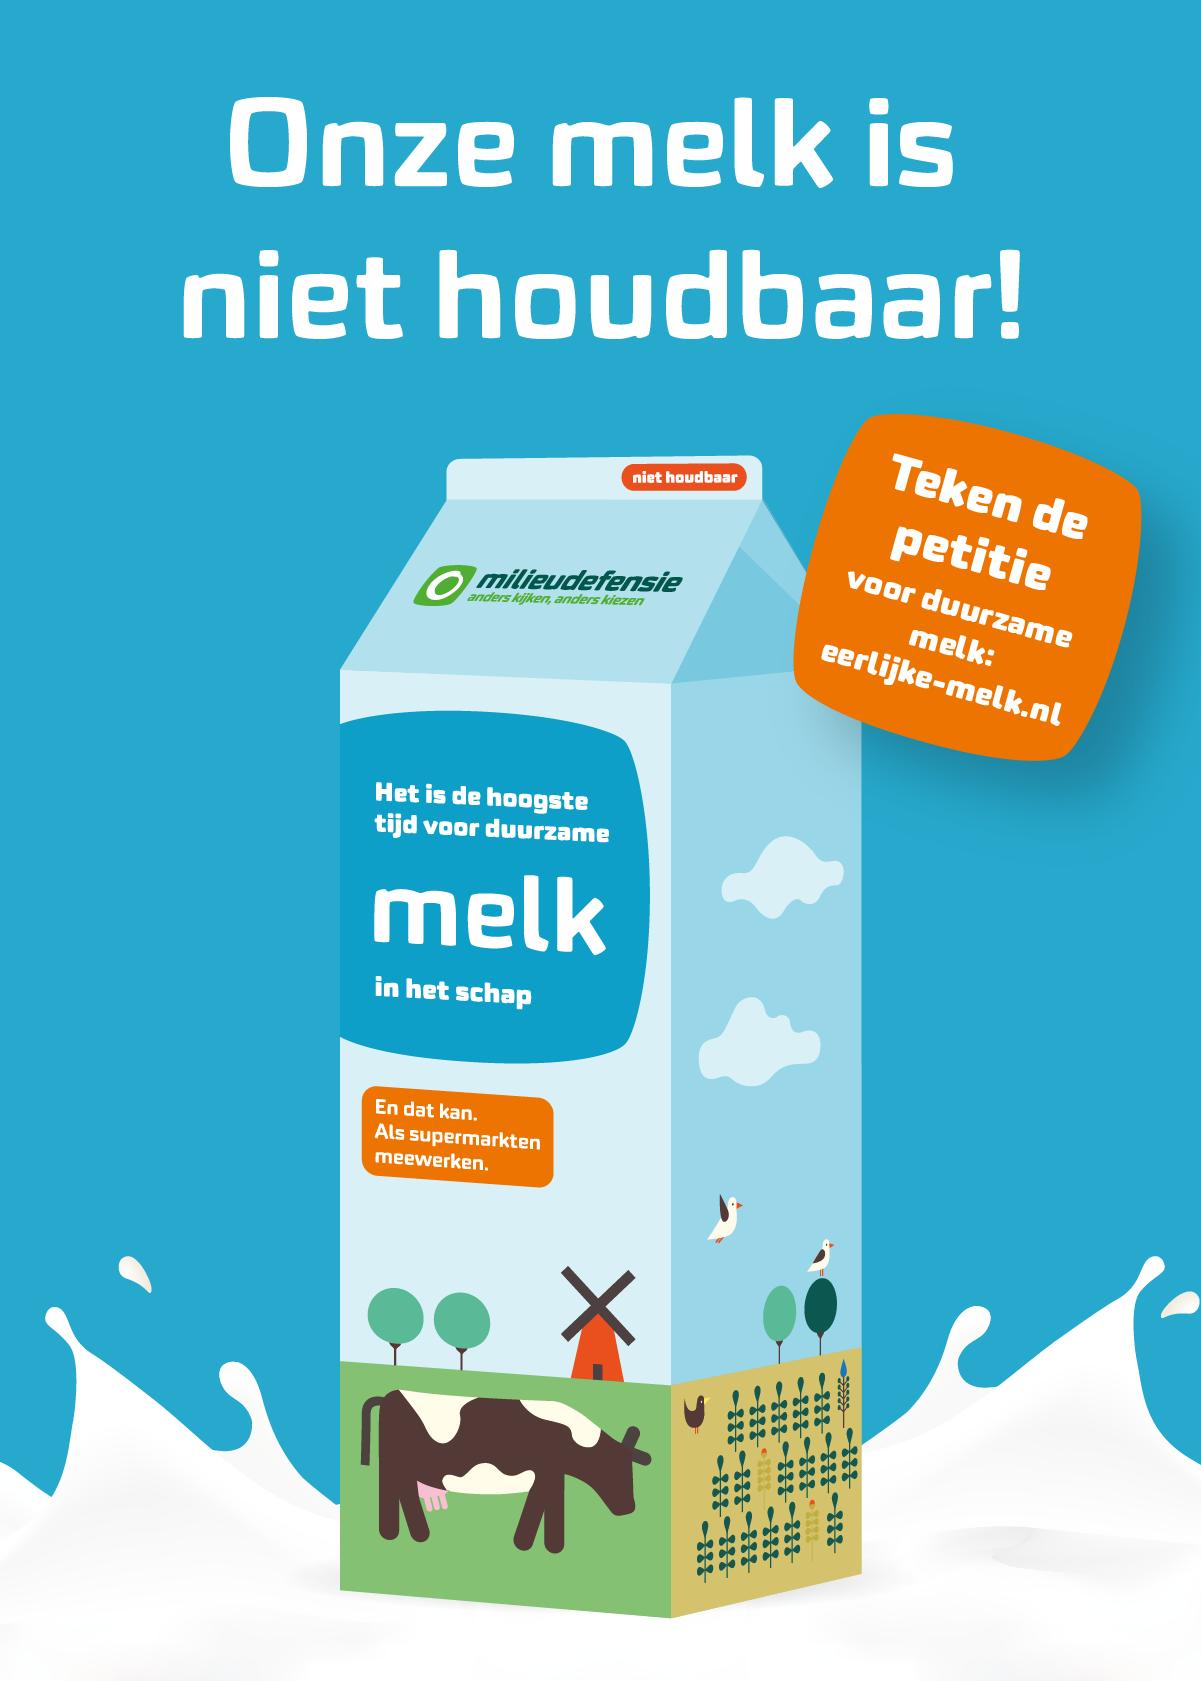 Milieudefensie-campagne-duurzame-eerlijke-melk-sticker-chantal-bekker